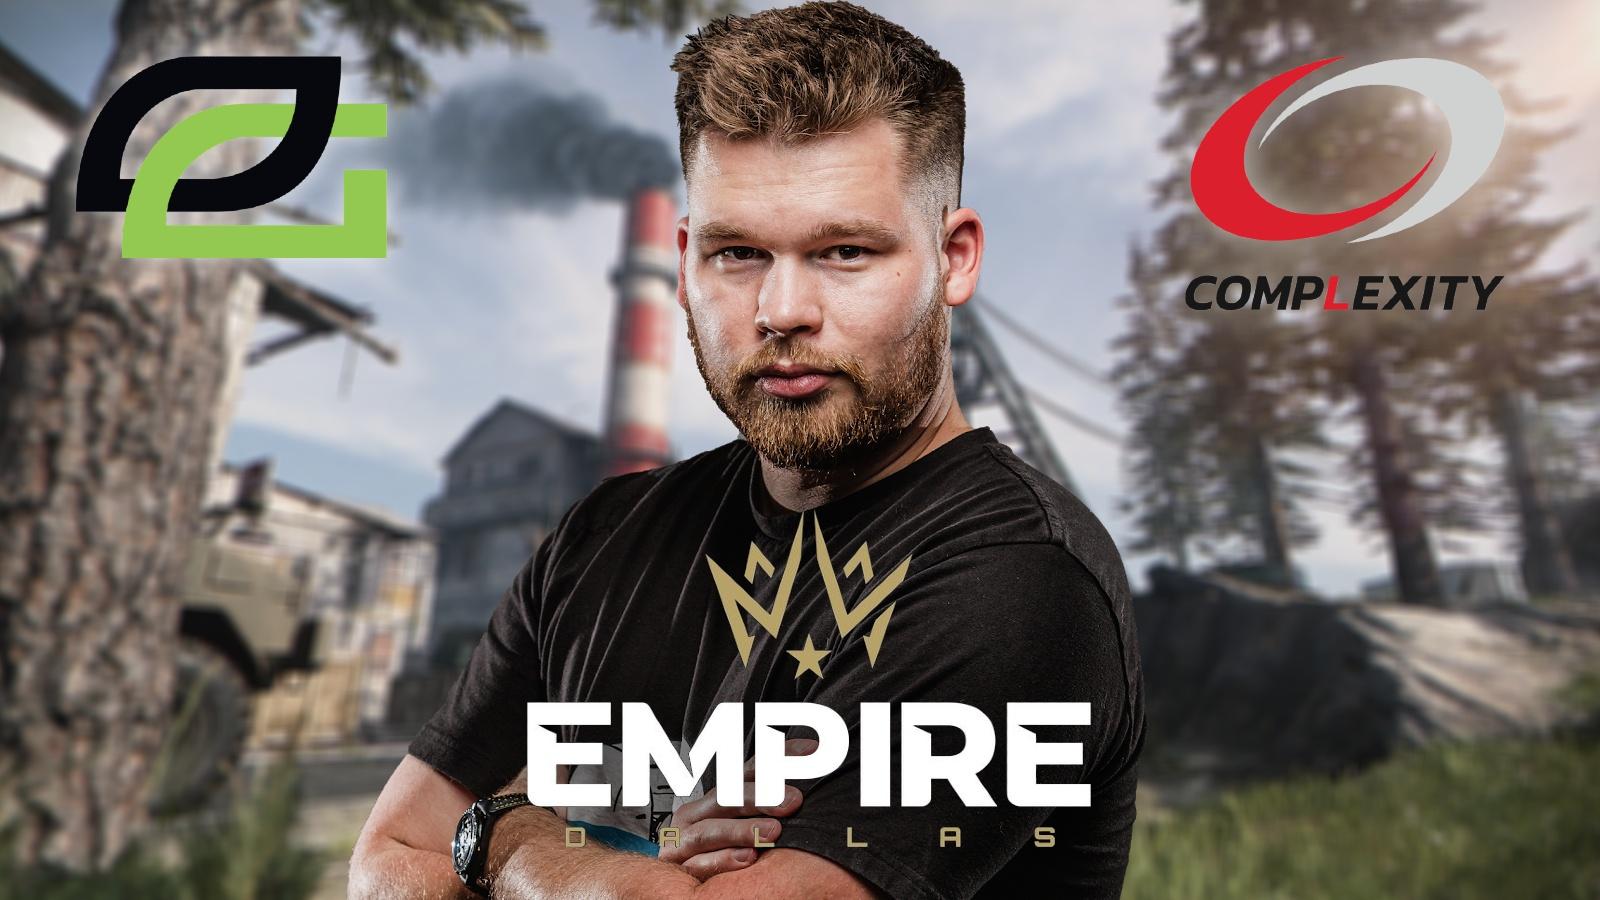 Crimsix Dallas Empire, OpTic Gaming, Complexity